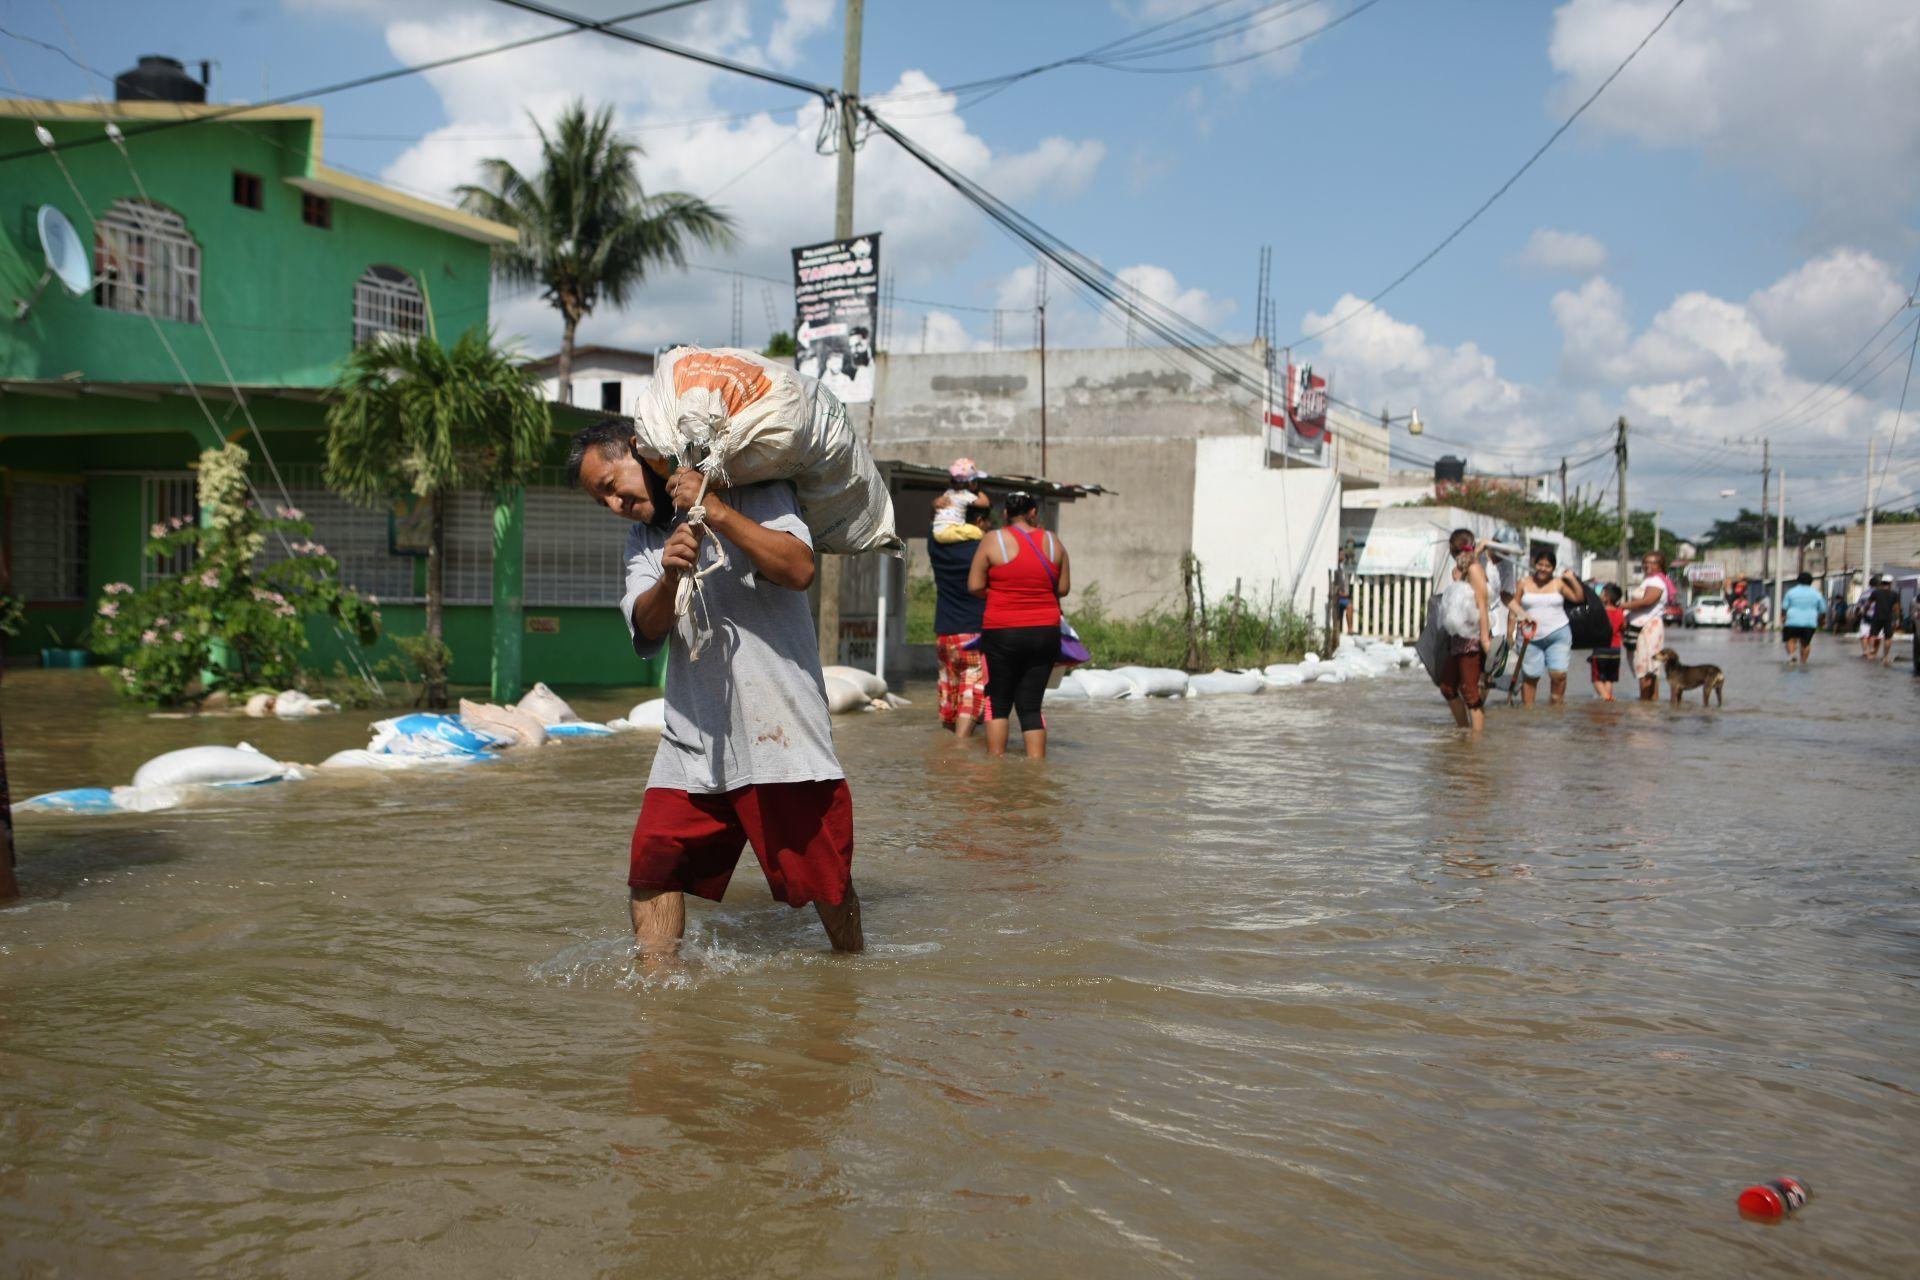 Villahermosa, Tabasco, 8 de noviembre de 2020. El río Carrizal del cual proviene sus aguas de las Presas Peñitas desbordó su caudal en el sector Los Sauces, de la colonia José María Pino Suárez.